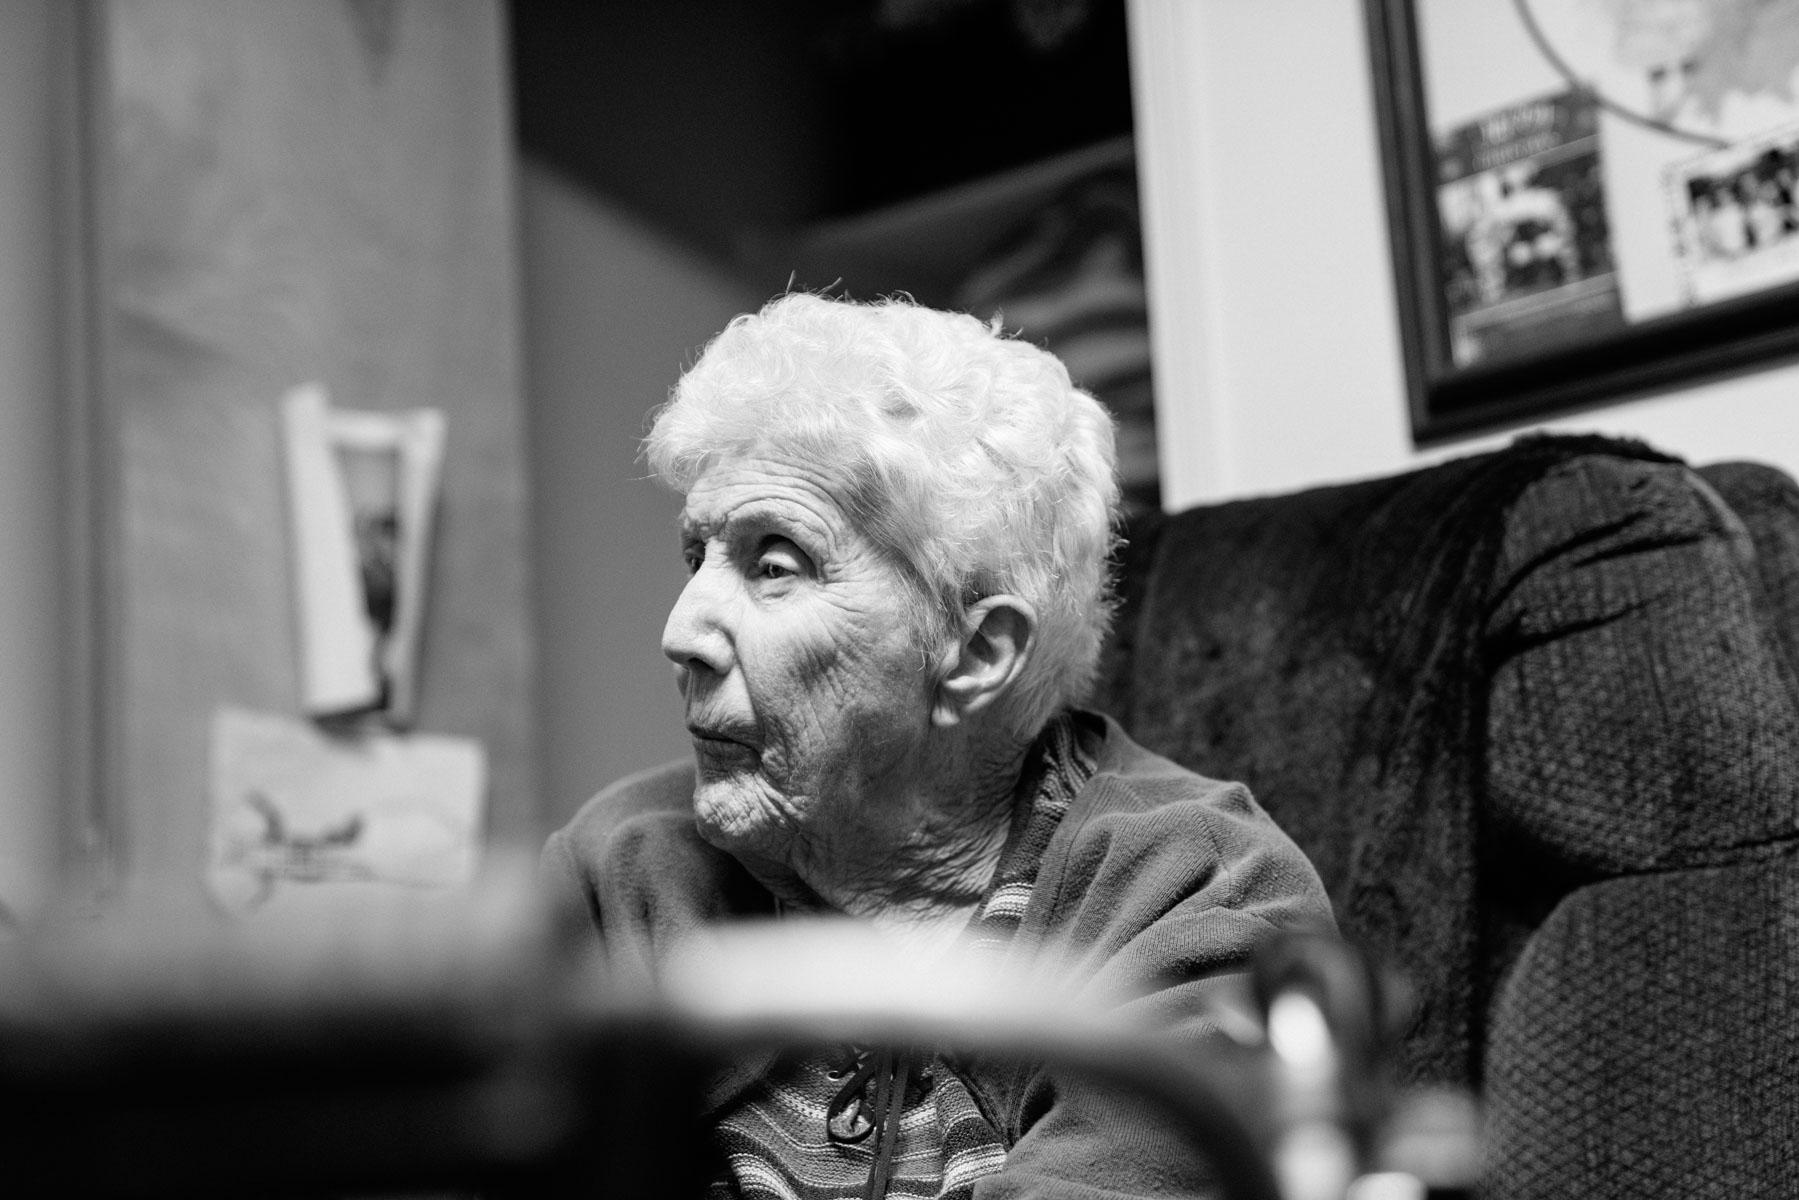 kyson-dana-great-great-grandma-3.jpg